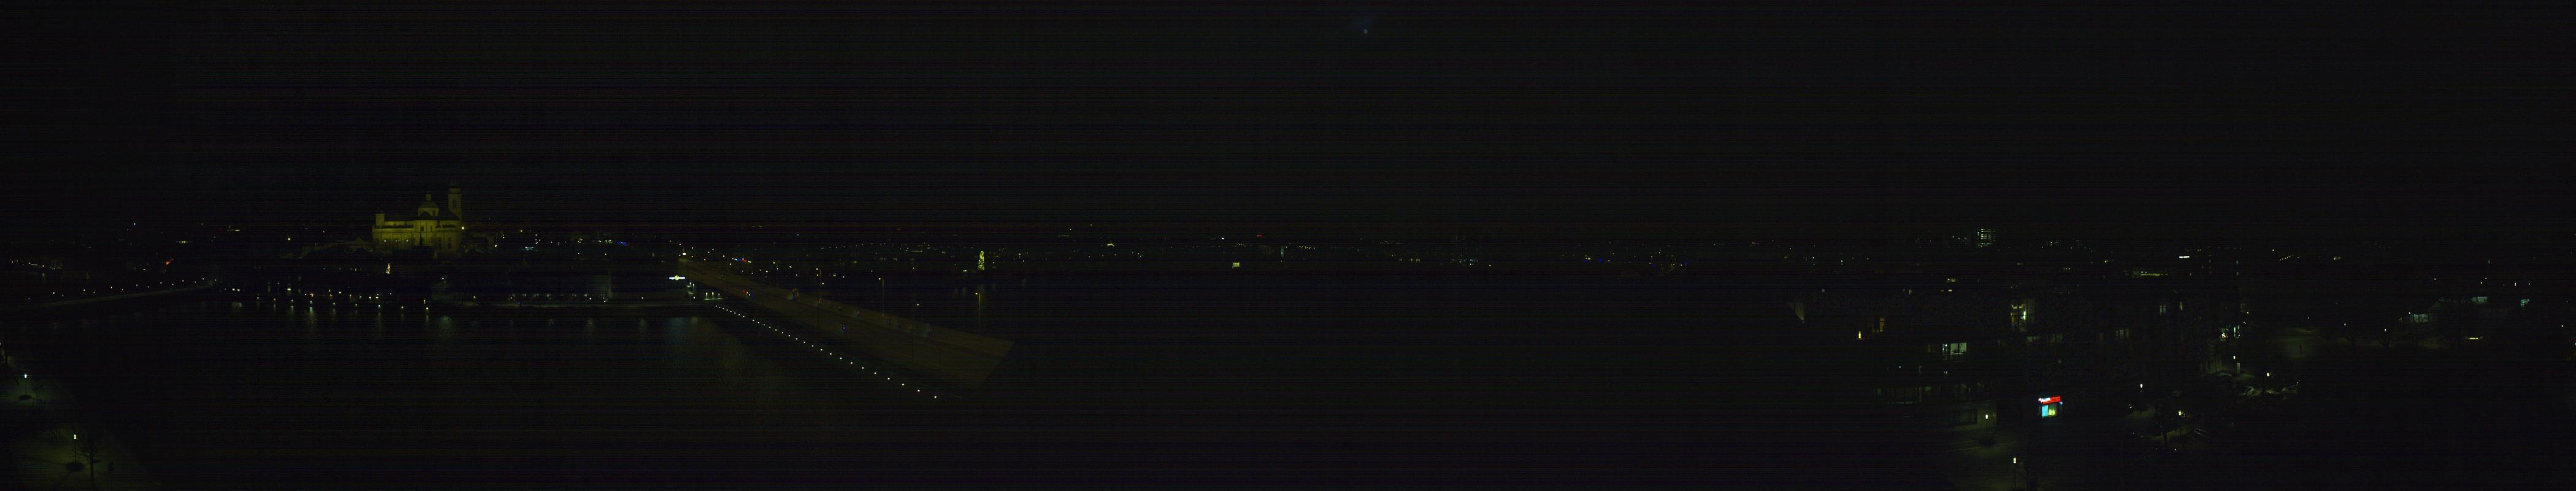 22h ago - 19:00